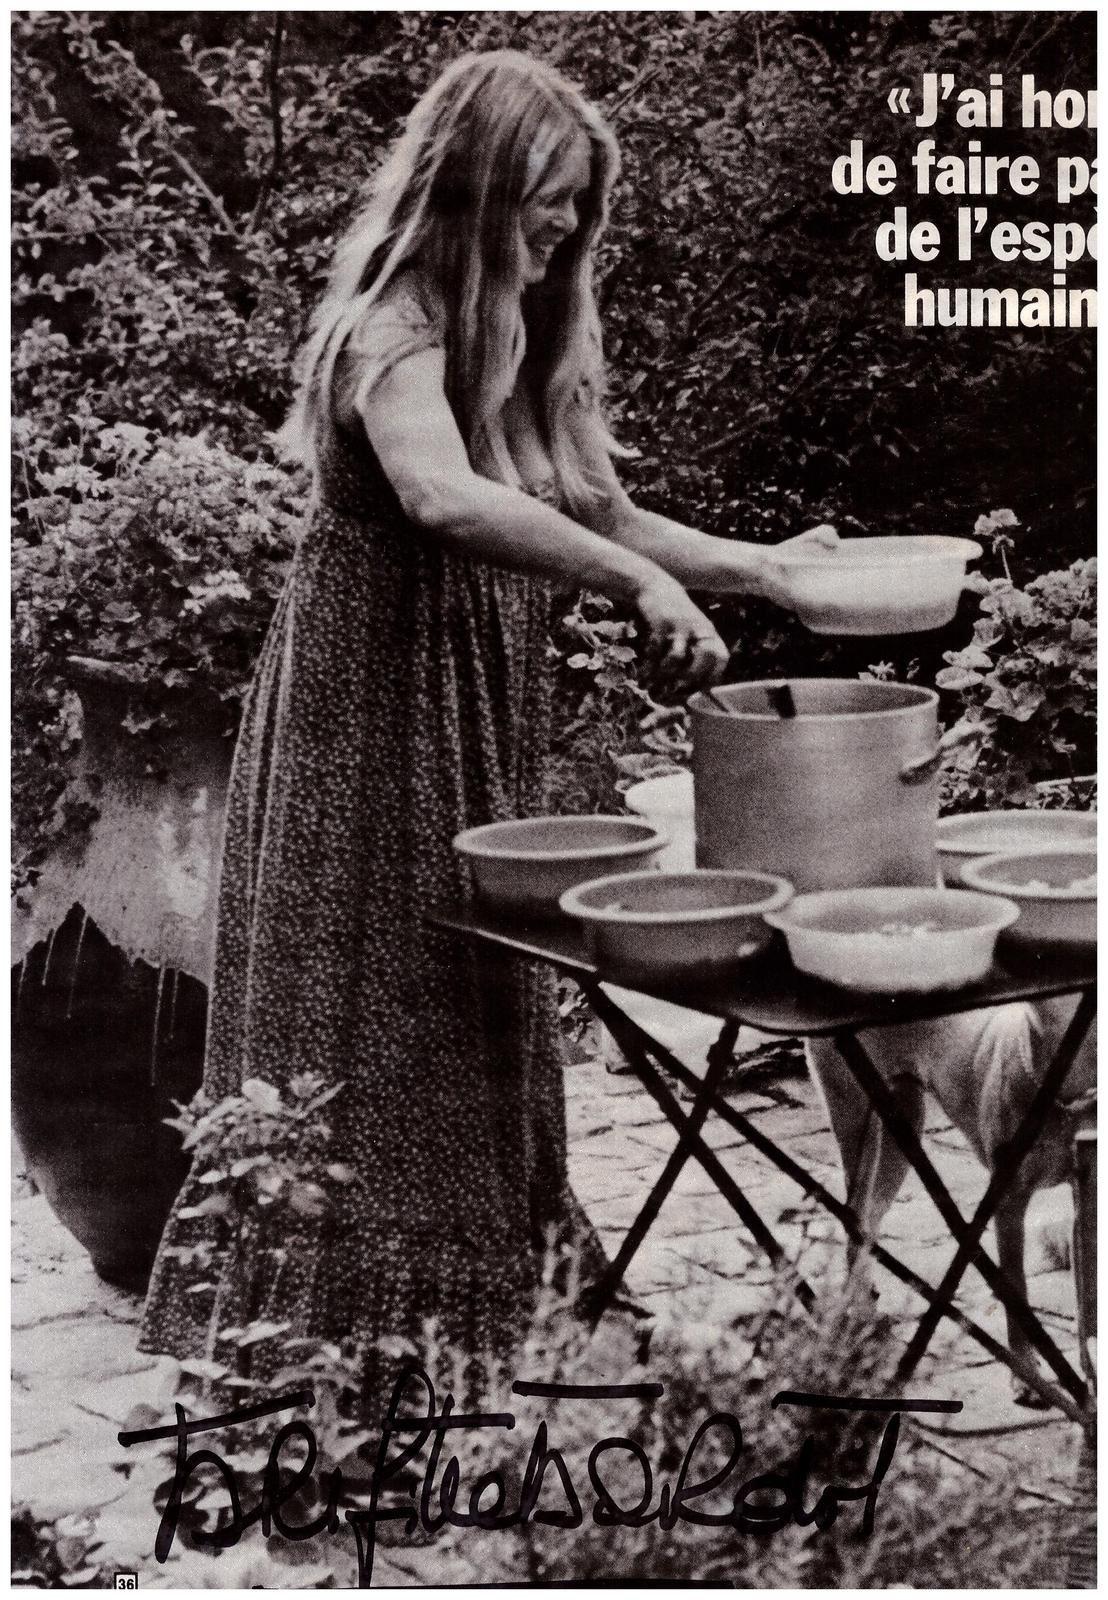 Dédicace Brigitte Bardot sur coupure de presse 21cm x 30cm